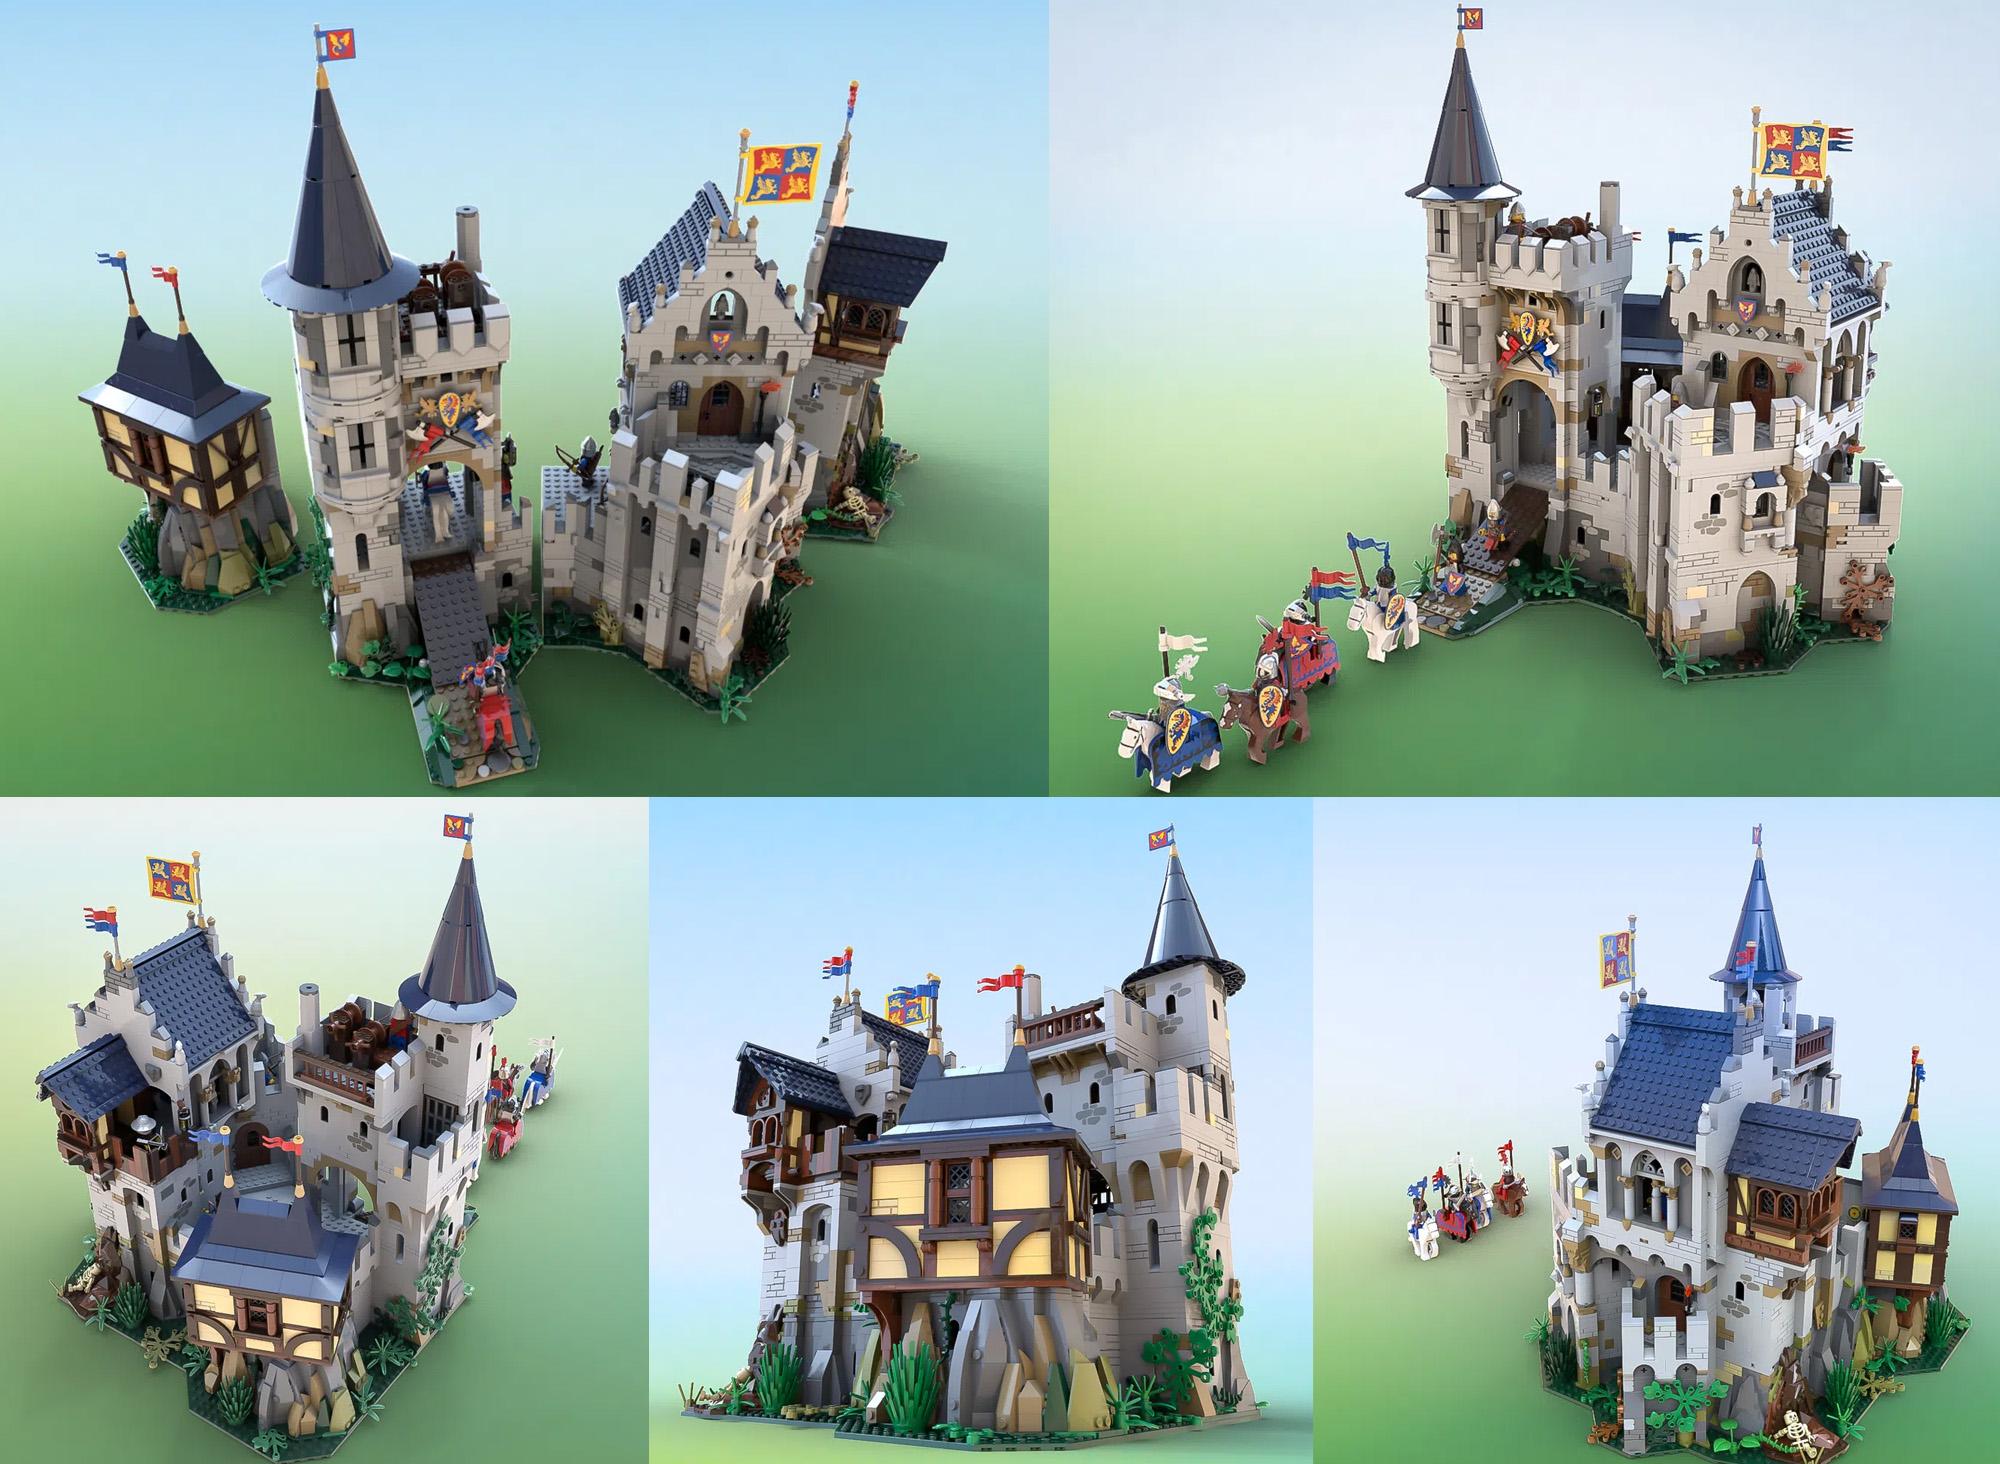 レゴアイデアで『アフォル卿と黒騎士の城』が製品化レビュー進出!2020年第3回1万サポート獲得デザイン紹介